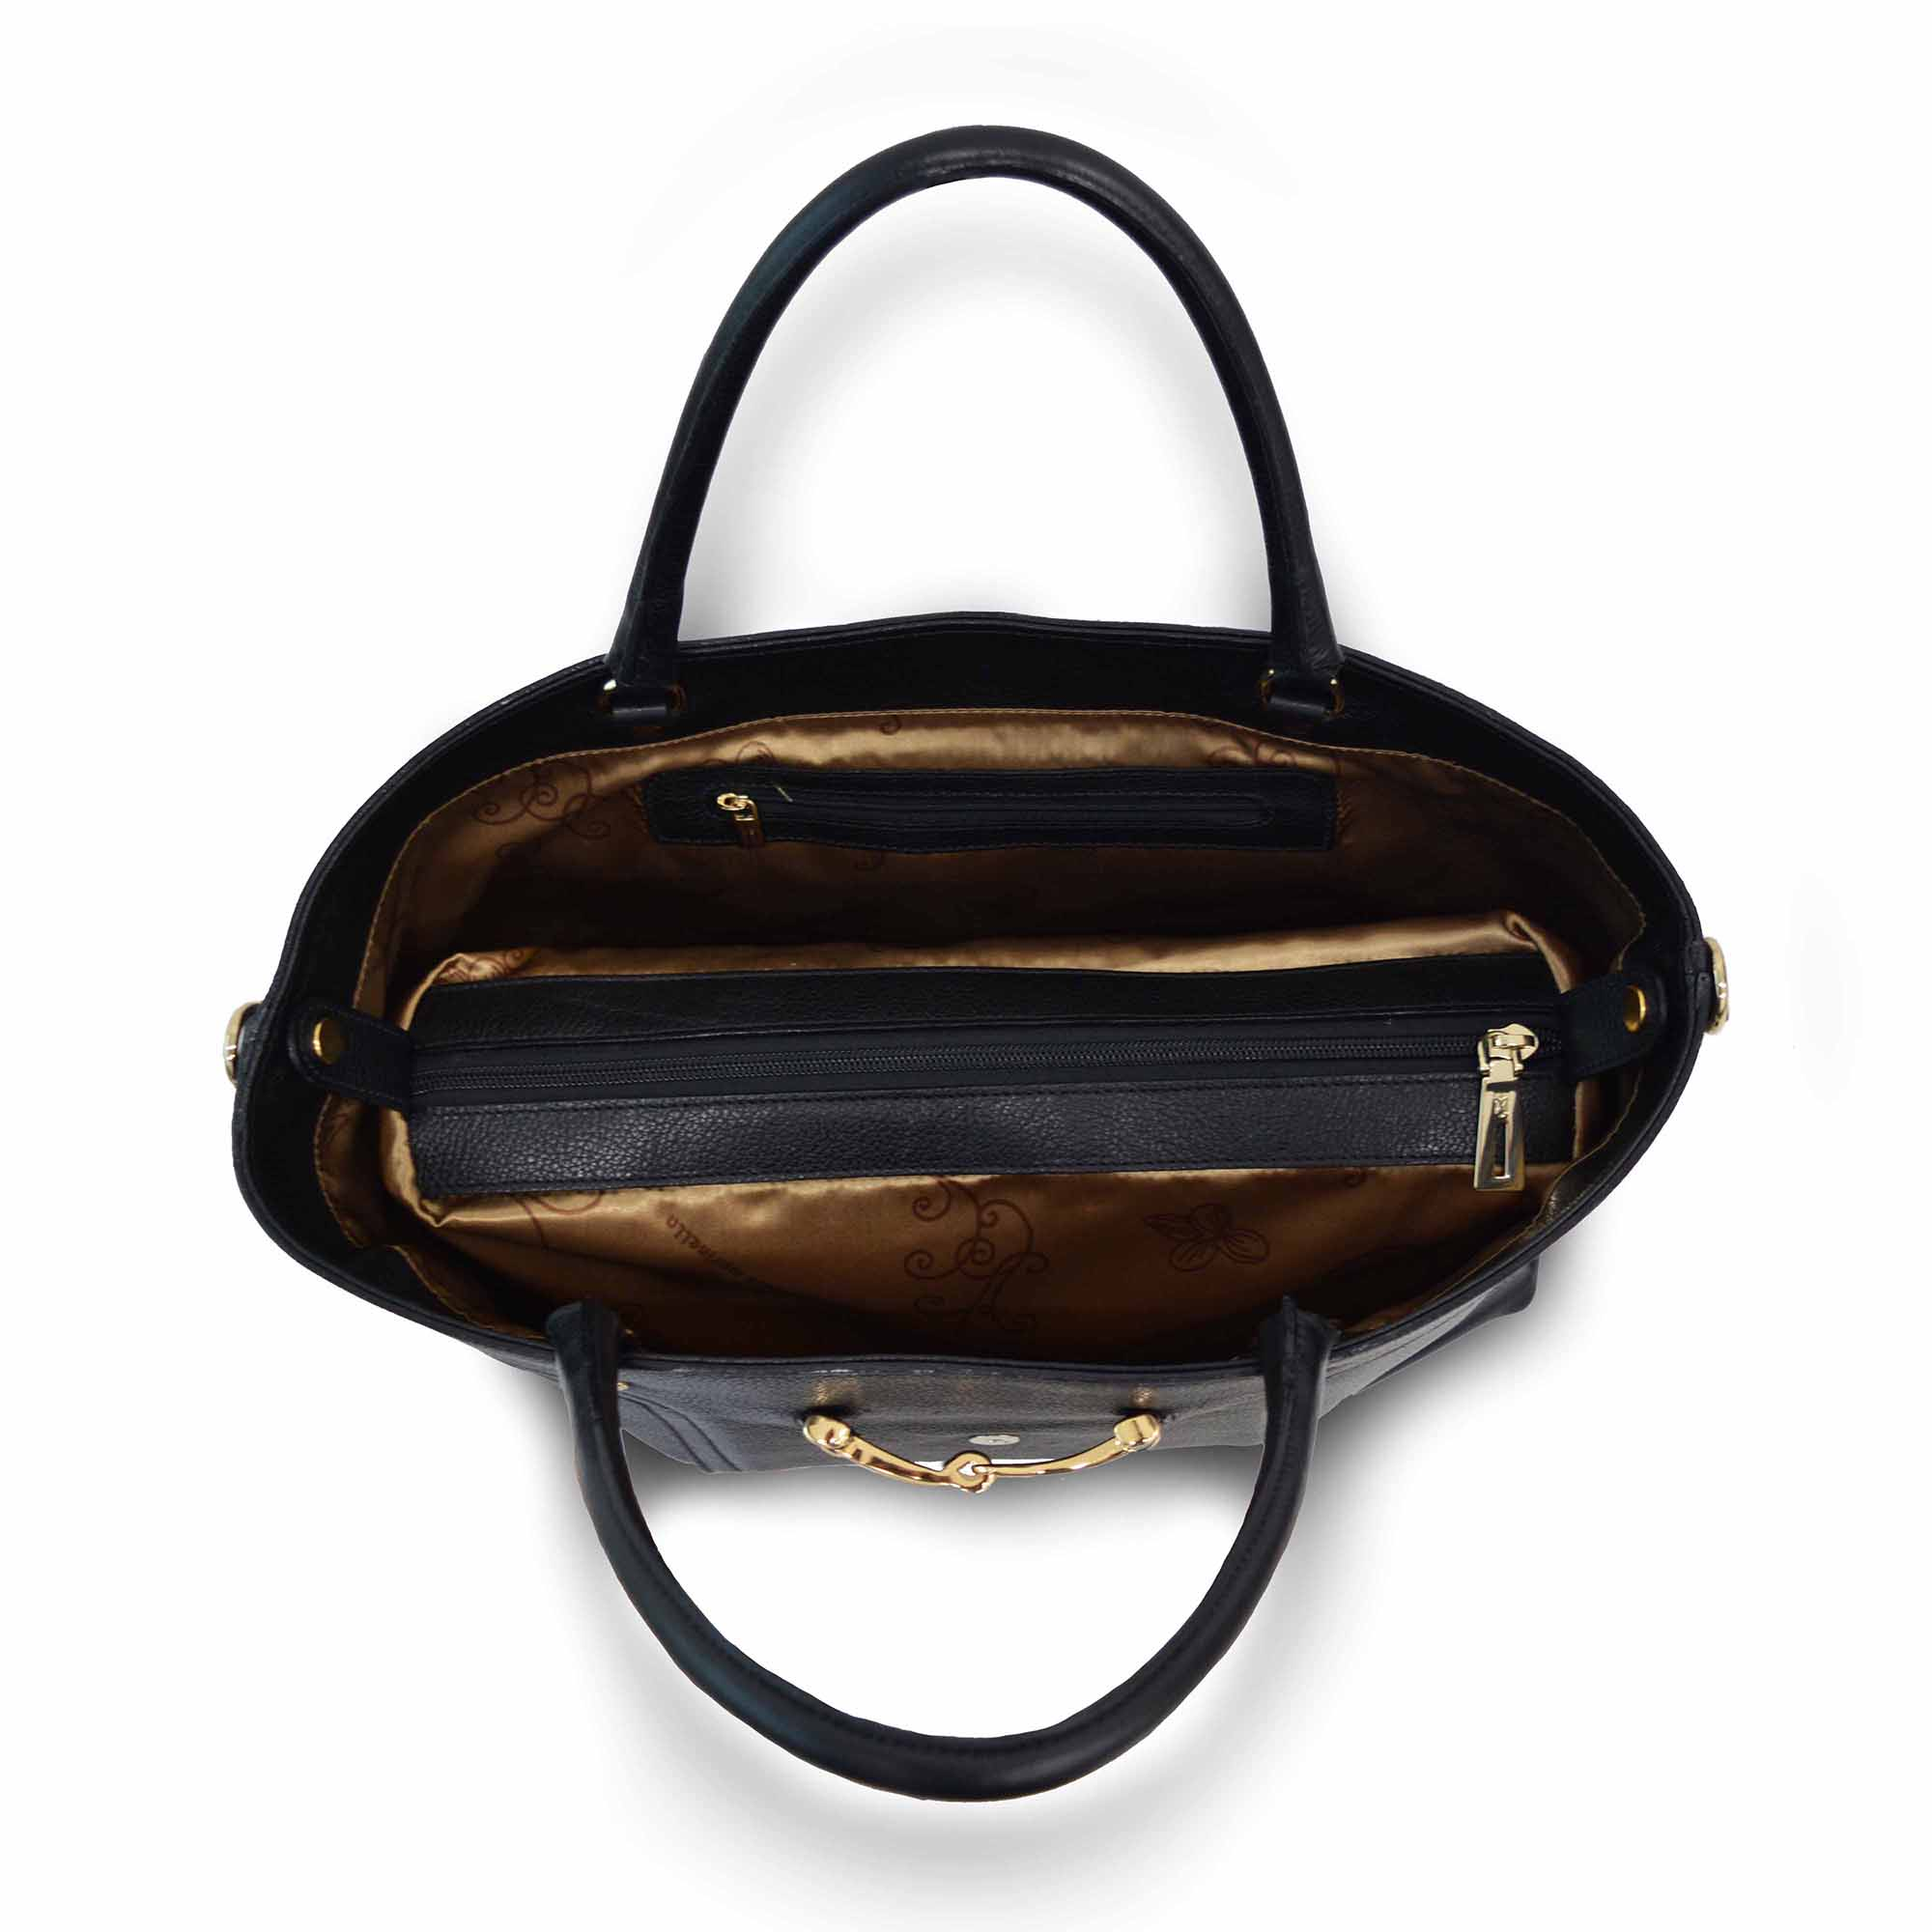 Bolsa de Ombro SM 2890 - Couro Floater